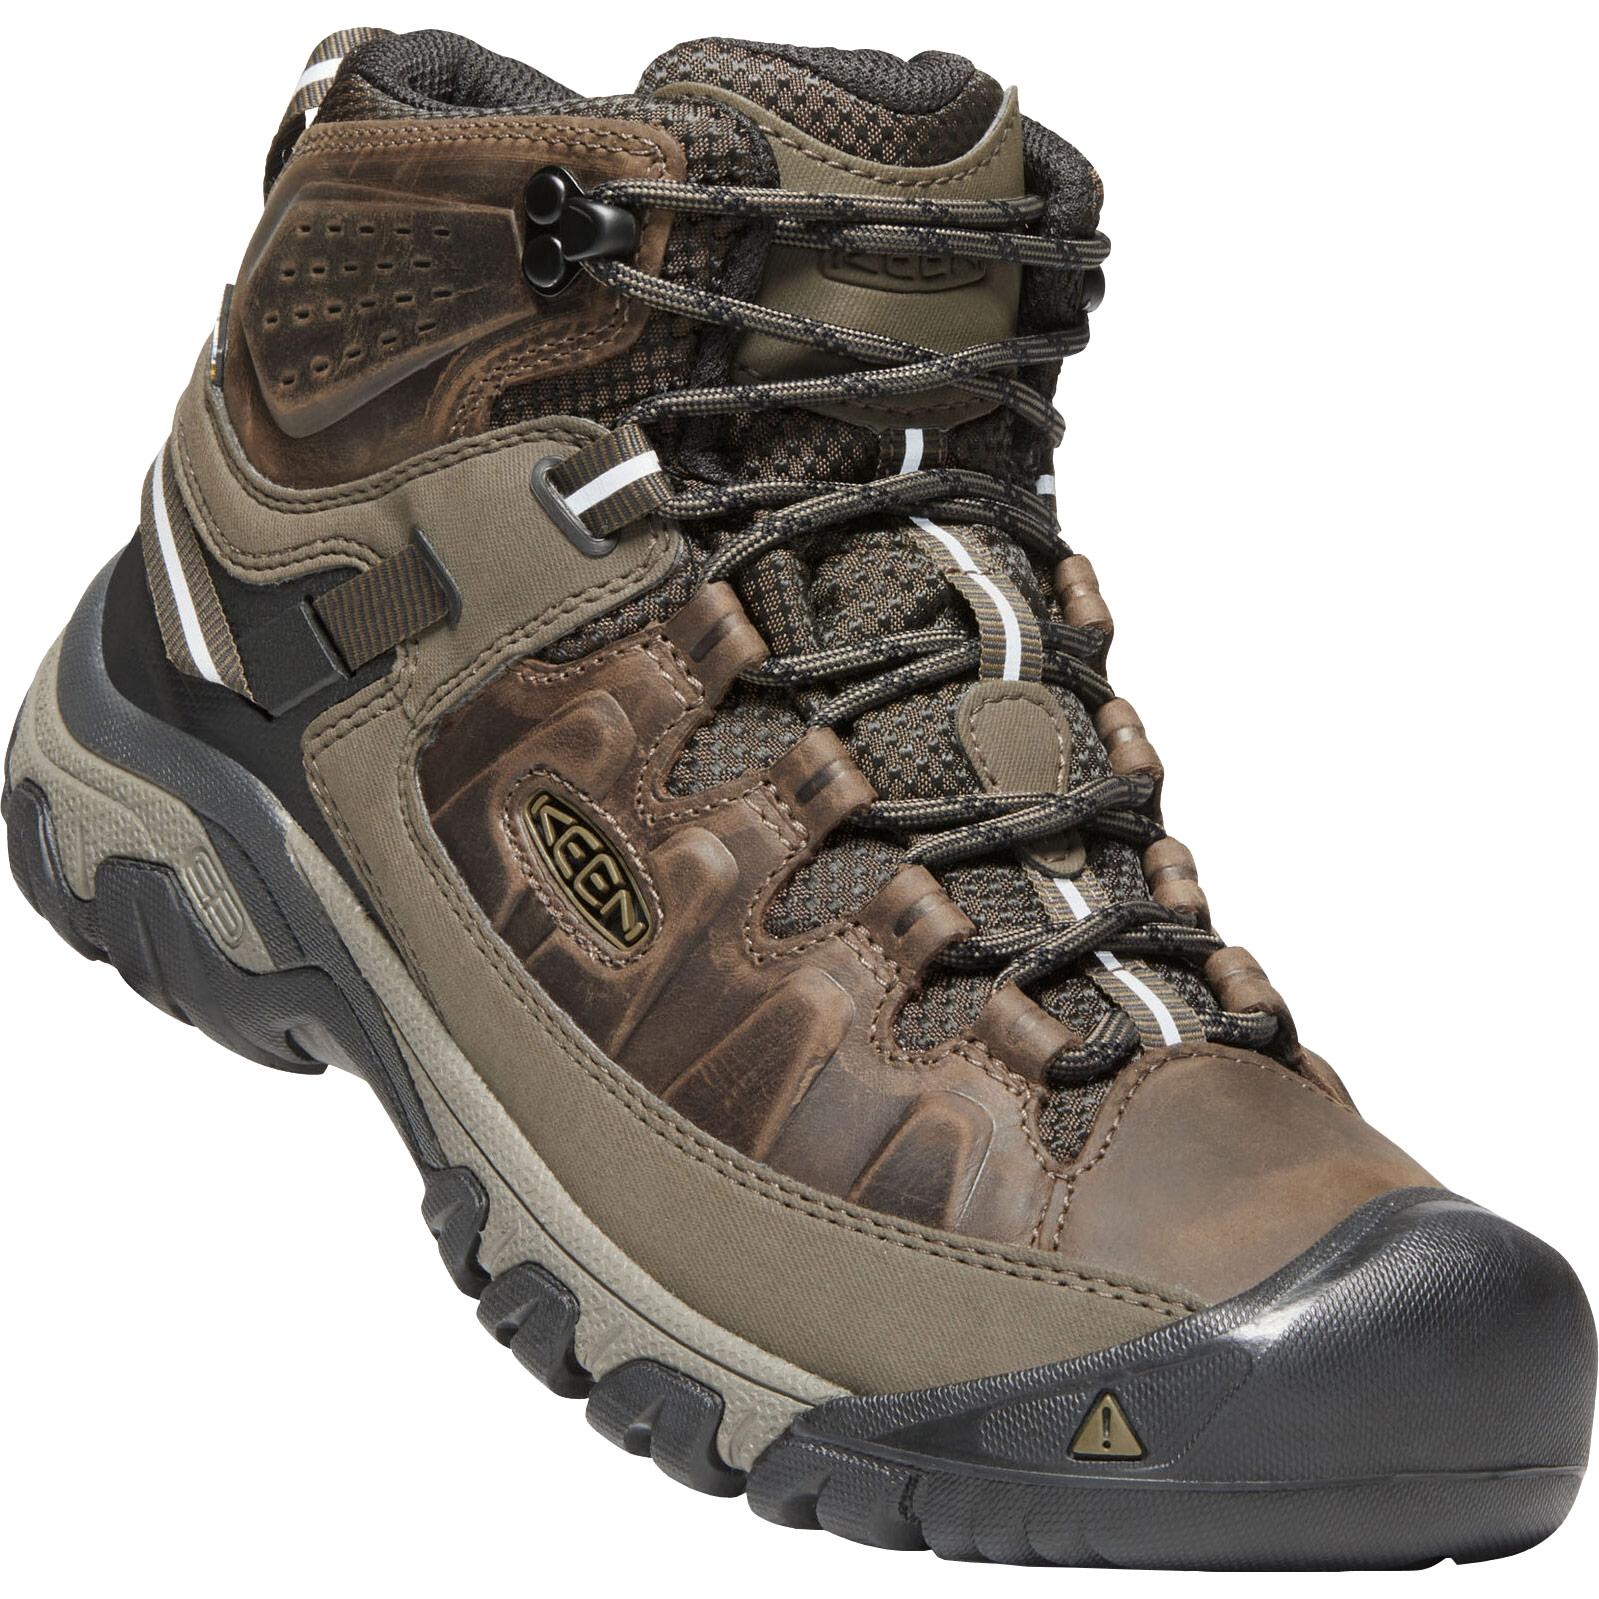 KEEN Targhee III Mid Waterproof Men's Hiking Ankle Boots - Canteen / Mulch